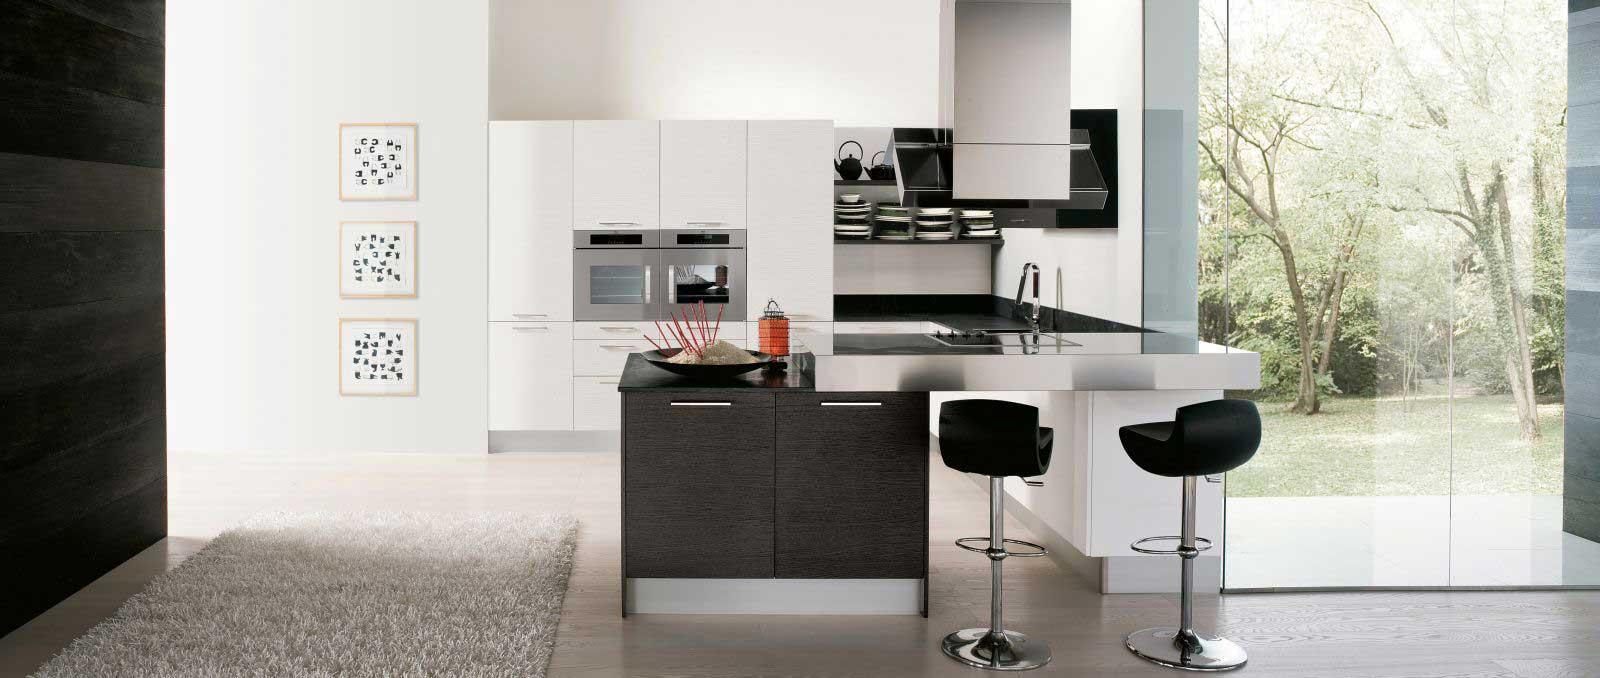 Dans un design contemporain, cette cuisine joue sur les matières, les couleurs, les épaisseurs de plan de travail, et l'implantation ergonomique.